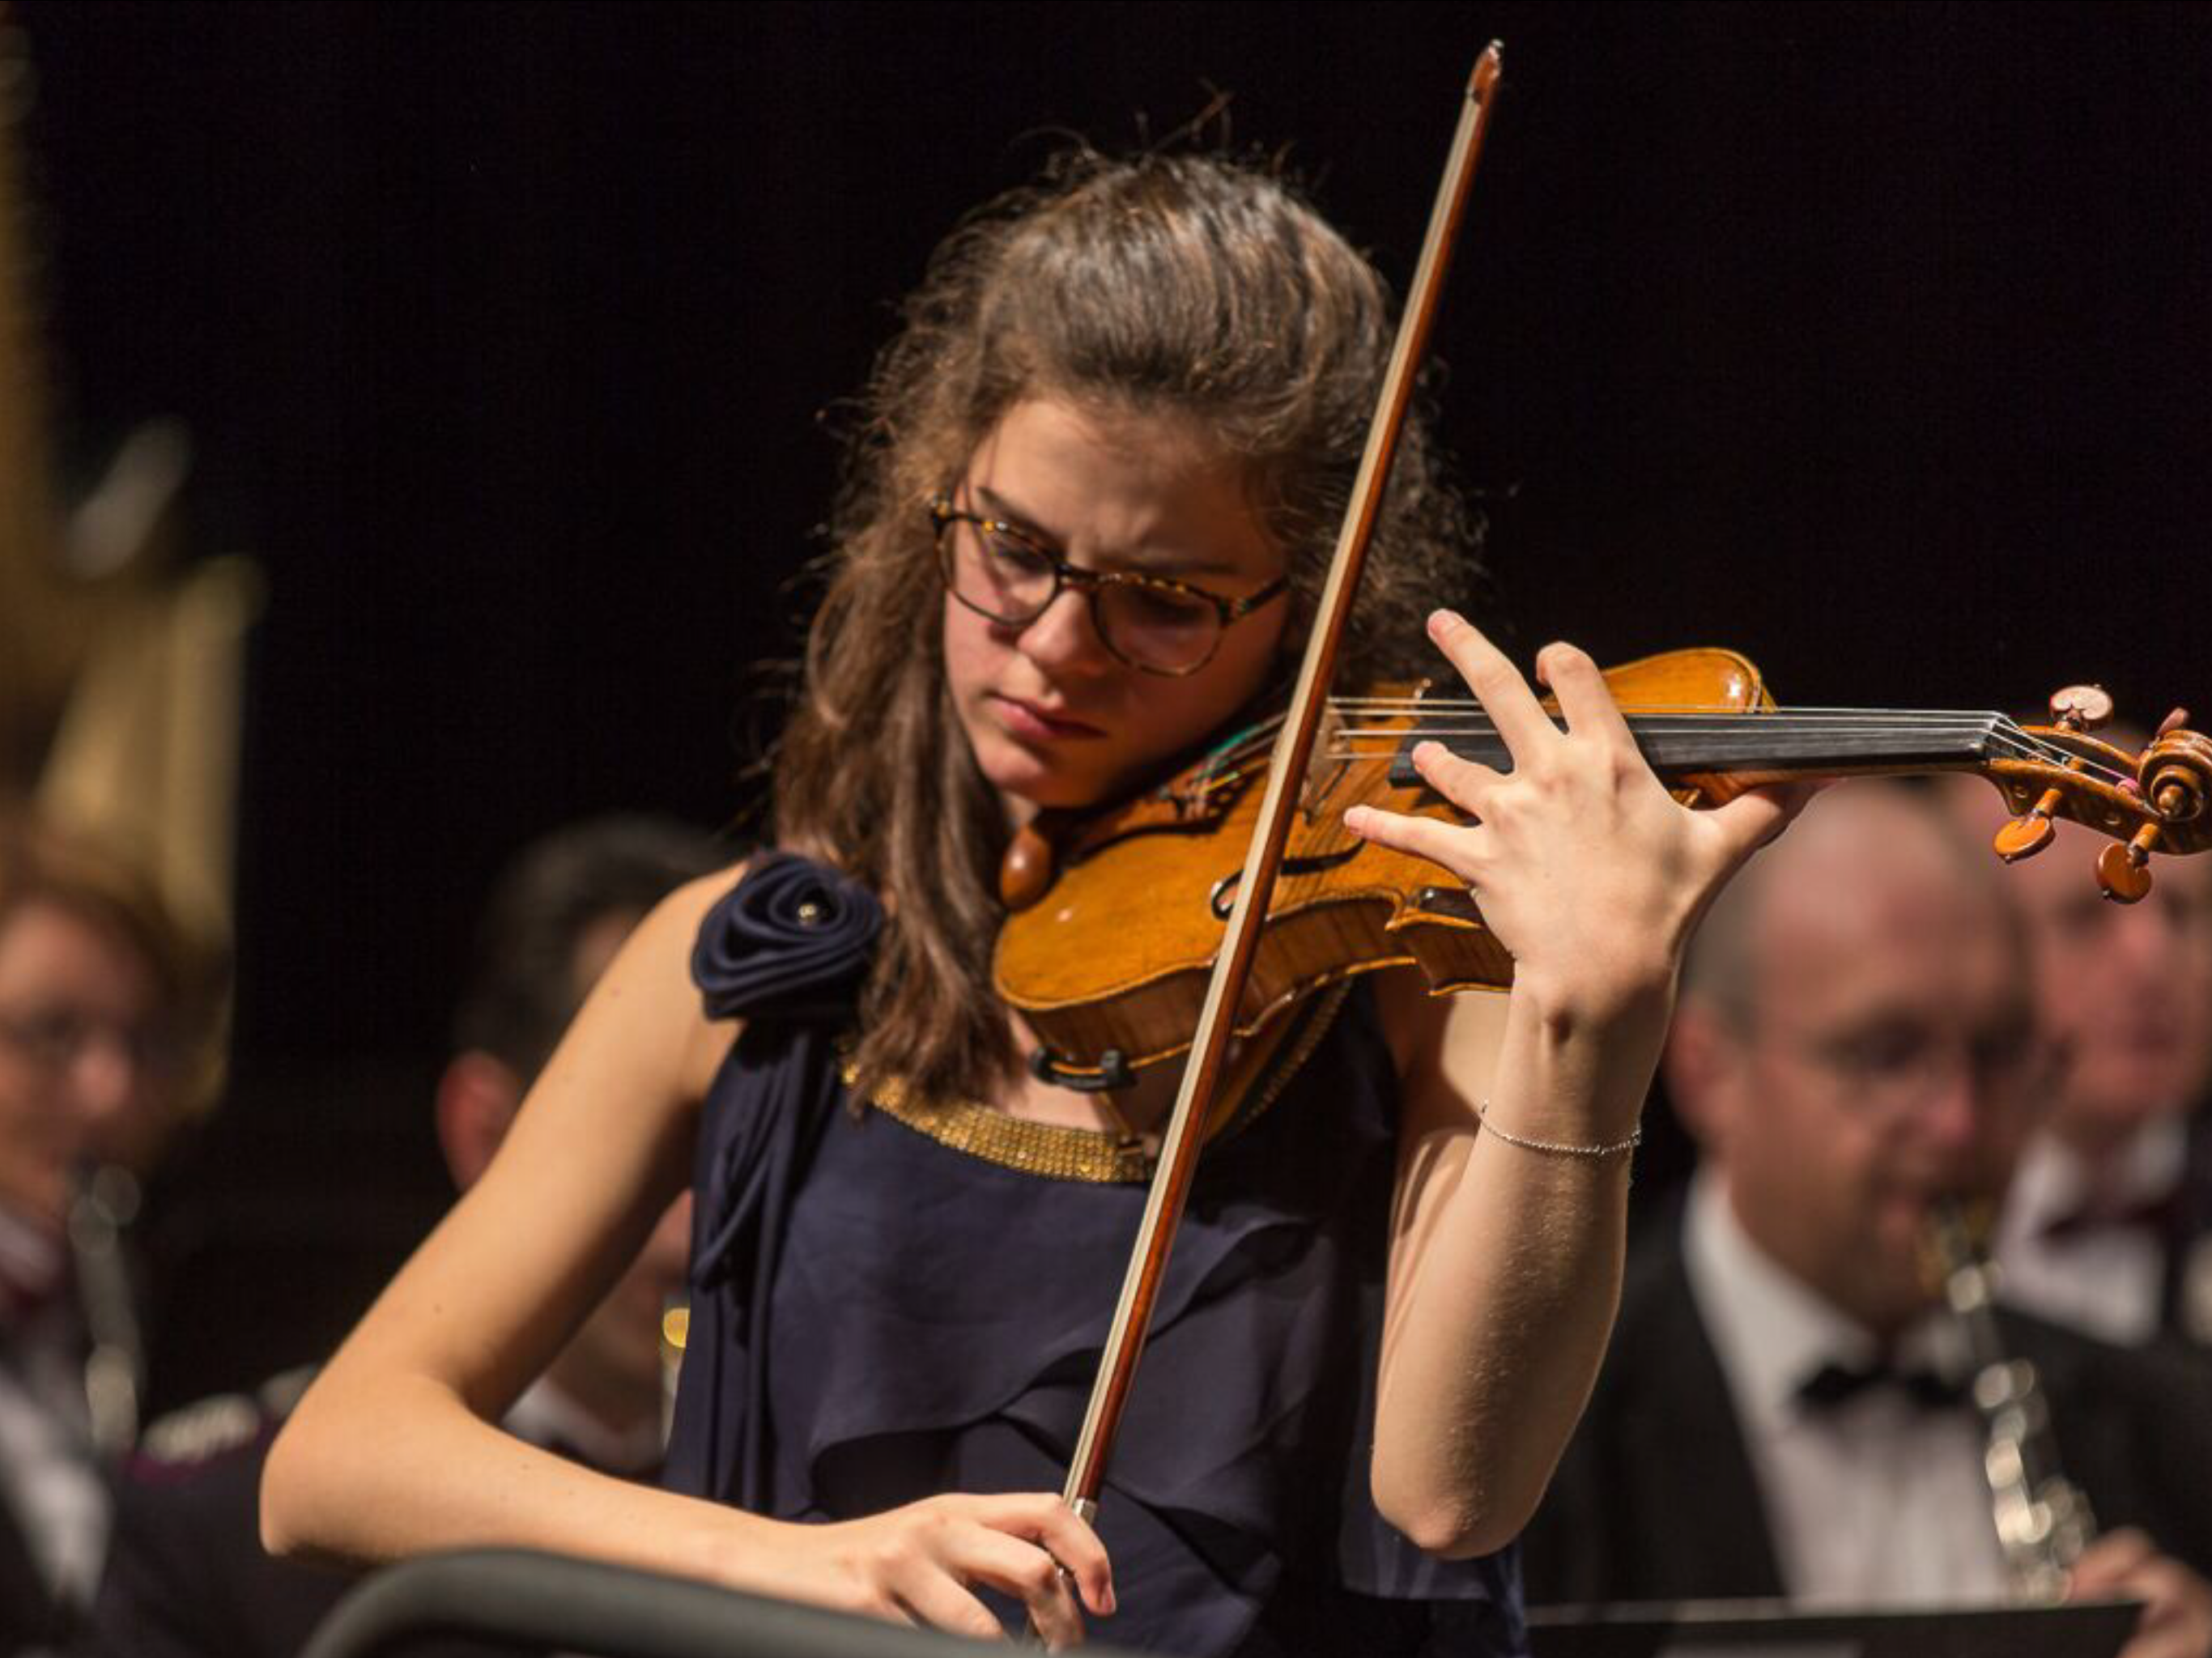 Classissimo 2020/Pauline Vanderrest